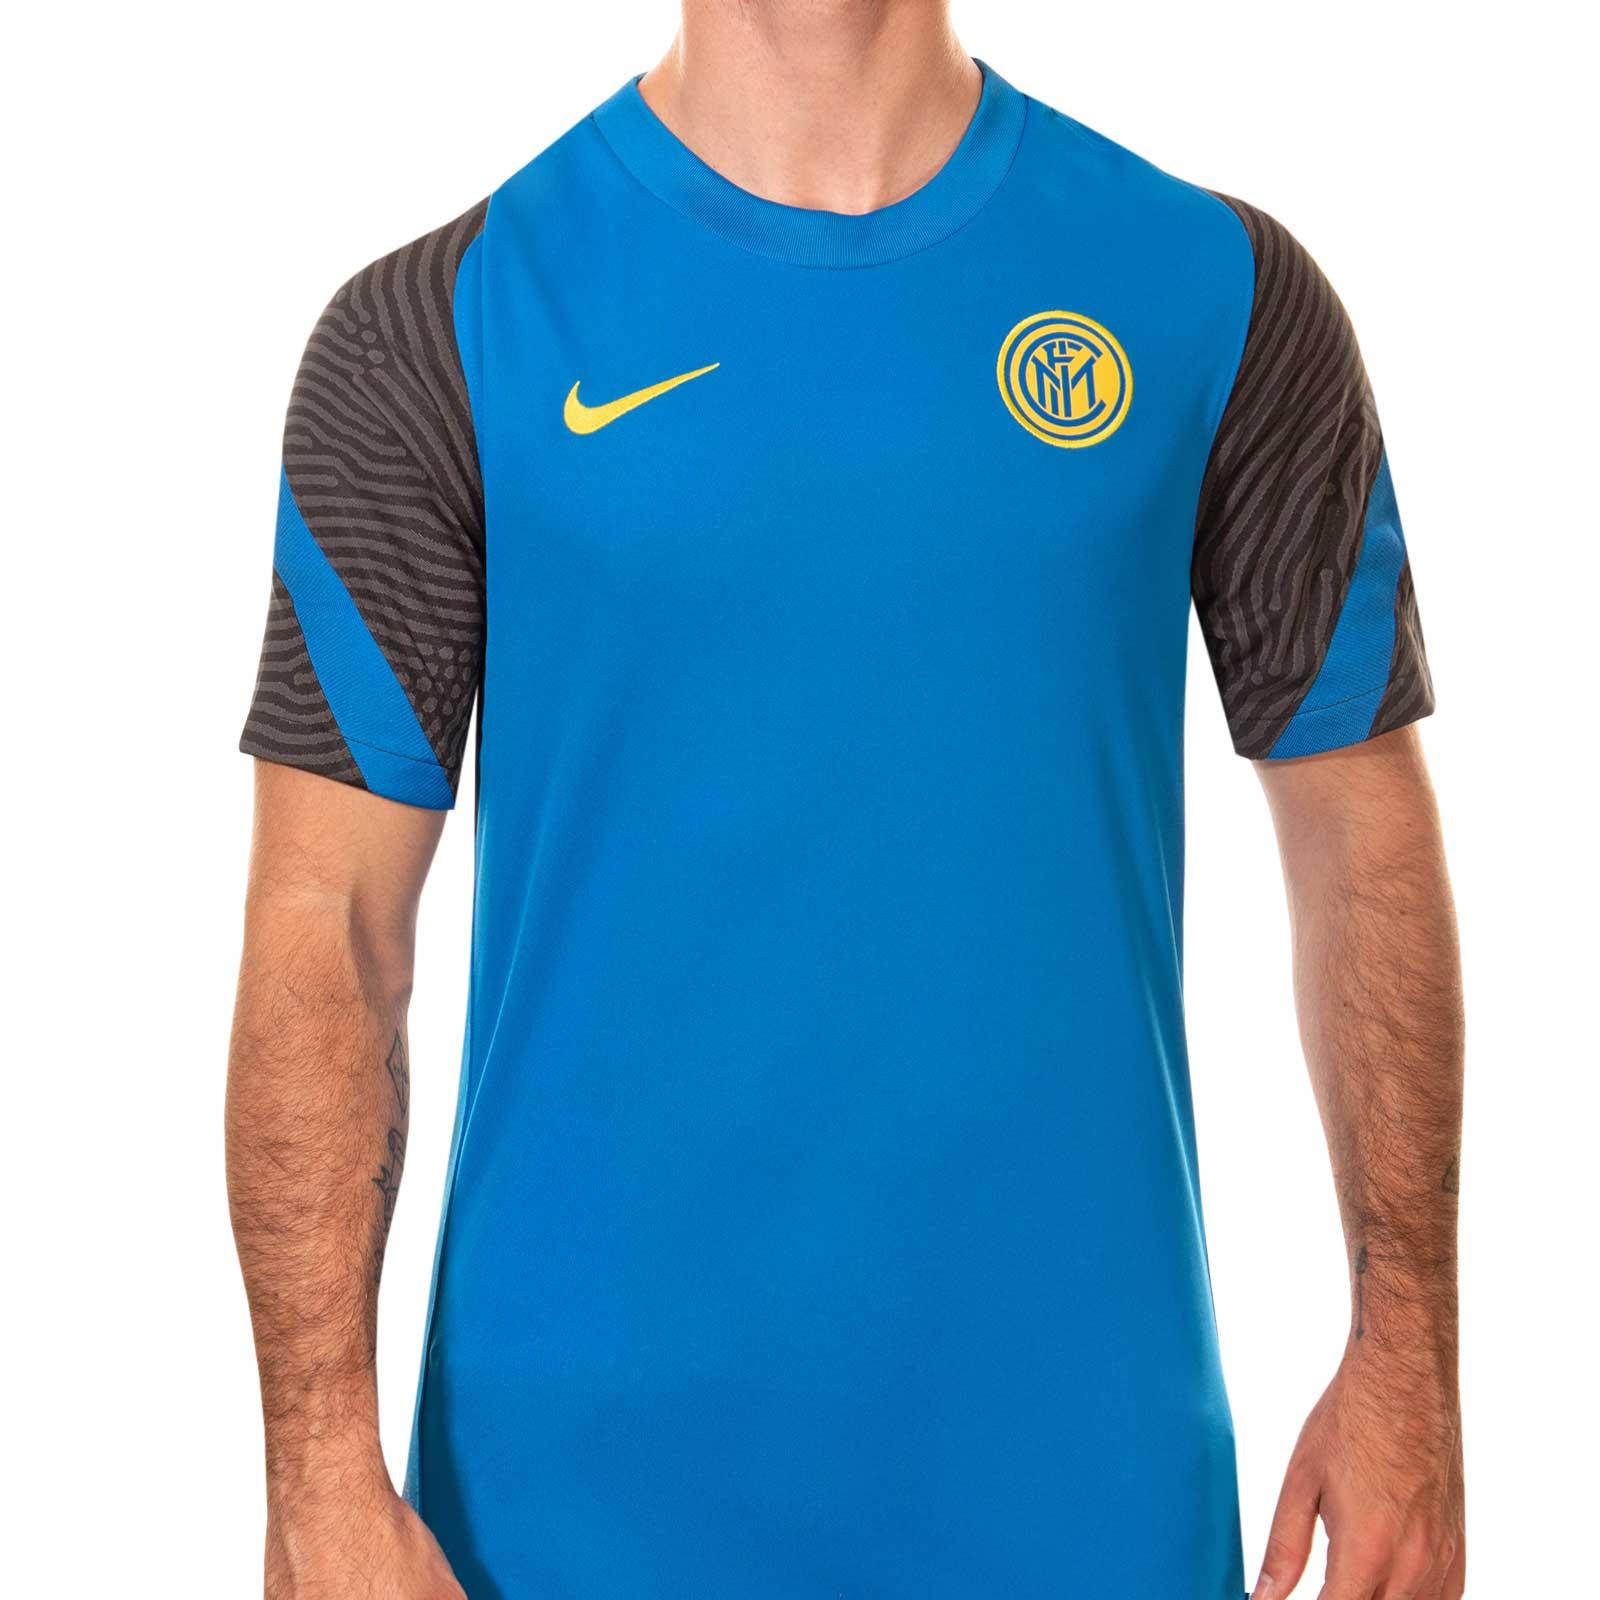 Exactamente Asombrosamente Búsqueda  Camiseta Nike Inter entreno 2020 2021 Strike | futbolmania